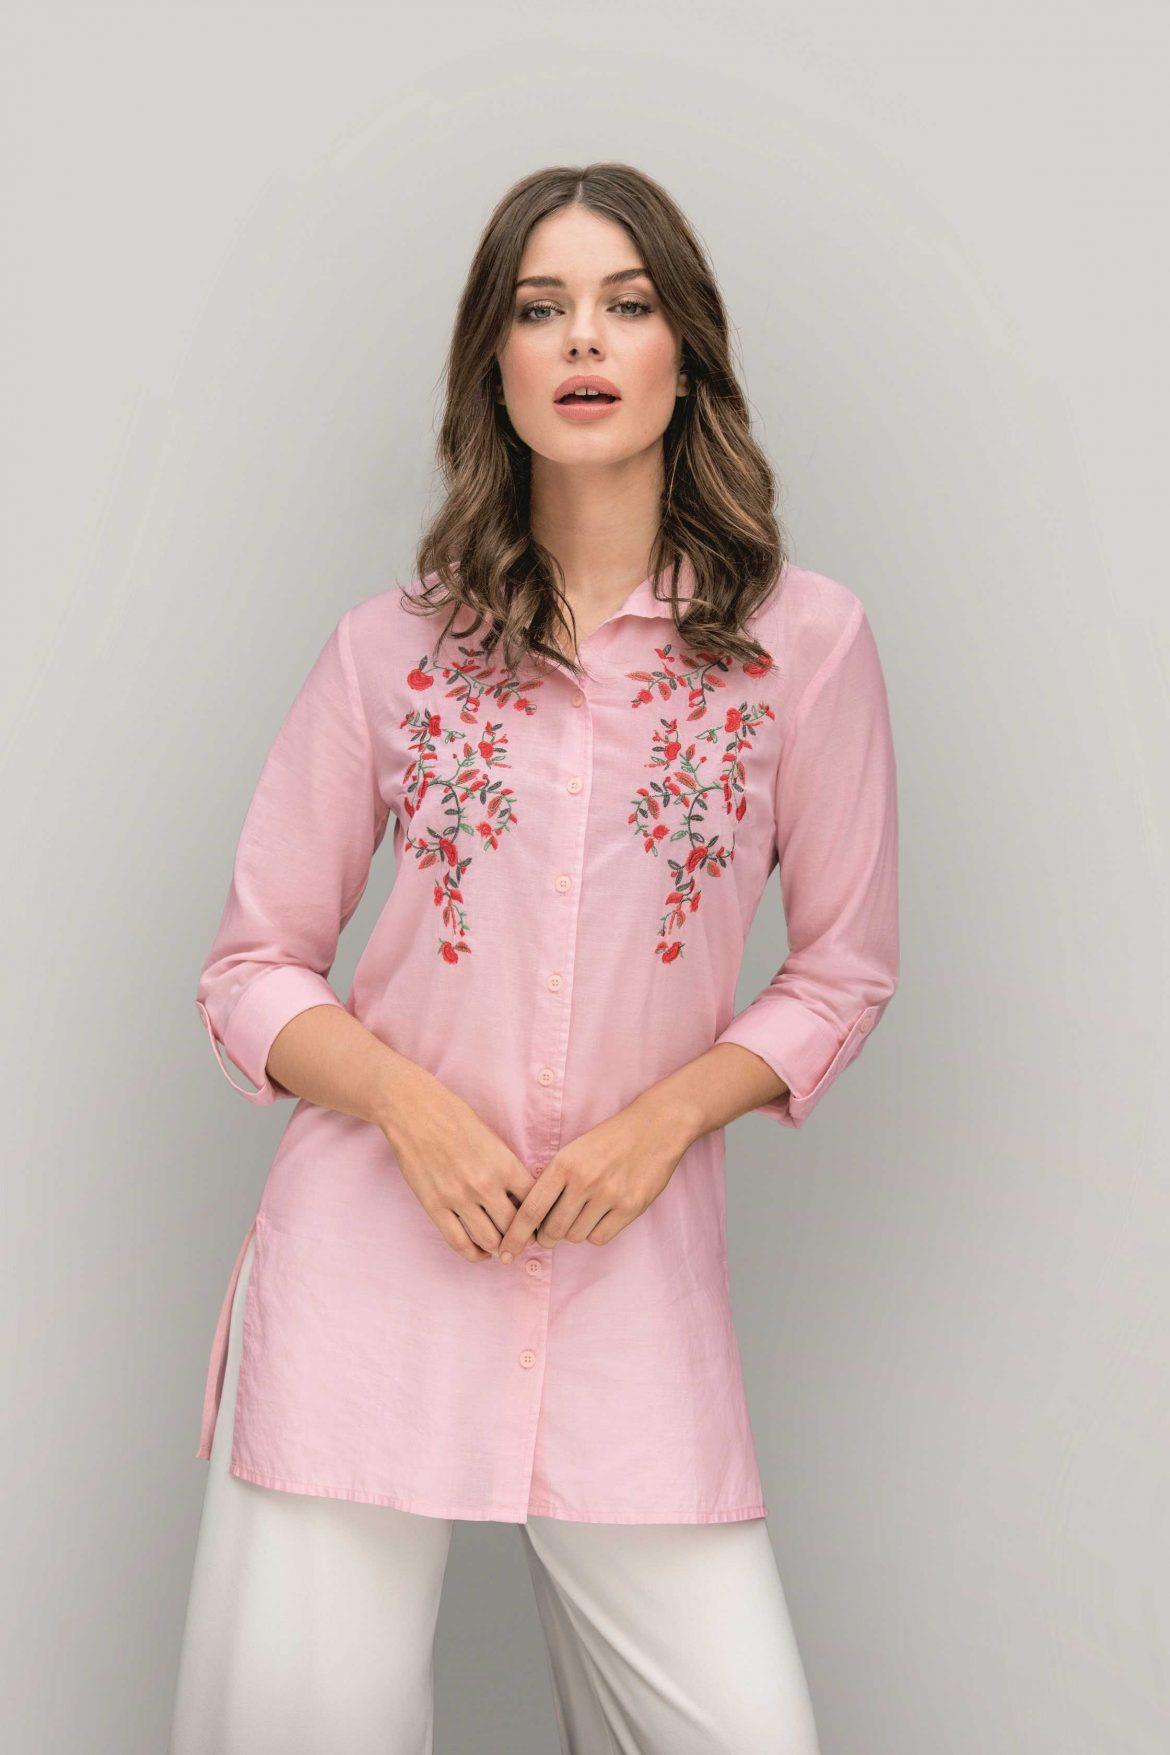 Koszula – obowiązkowy element każdej garderoby